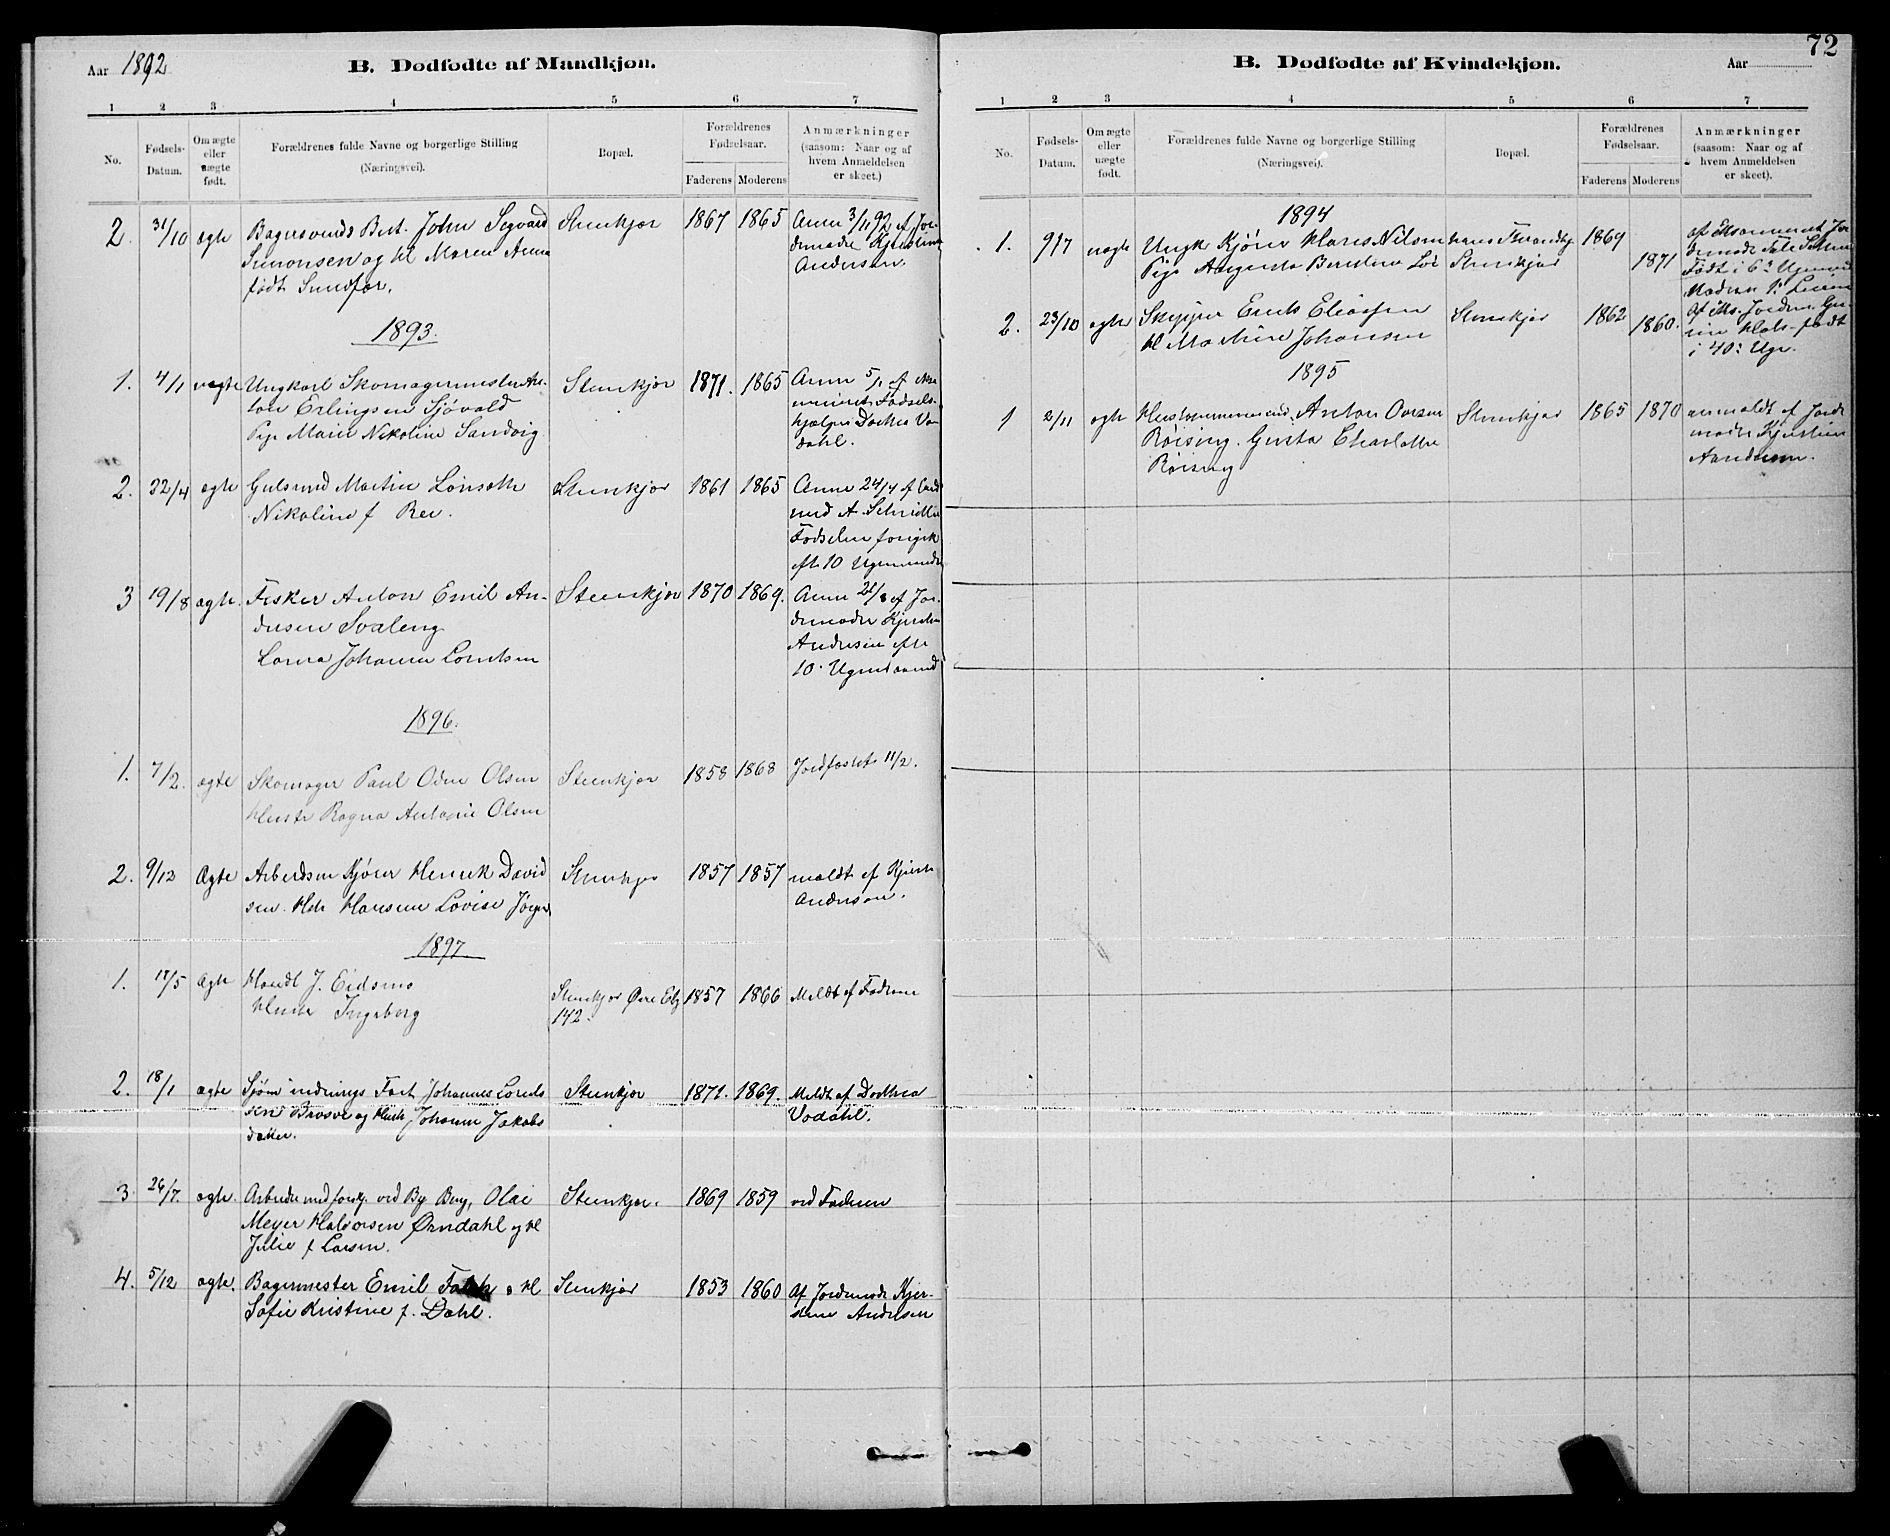 SAT, Ministerialprotokoller, klokkerbøker og fødselsregistre - Nord-Trøndelag, 739/L0374: Klokkerbok nr. 739C02, 1883-1898, s. 72